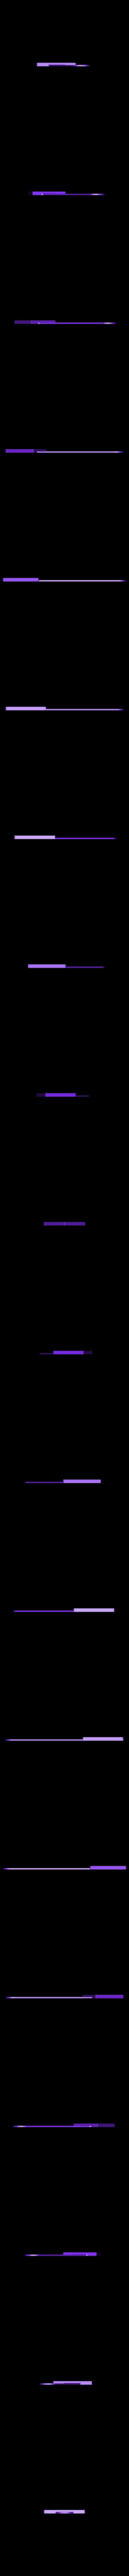 56f93efc 7c01 4d11 a306 cdbd58e281ff